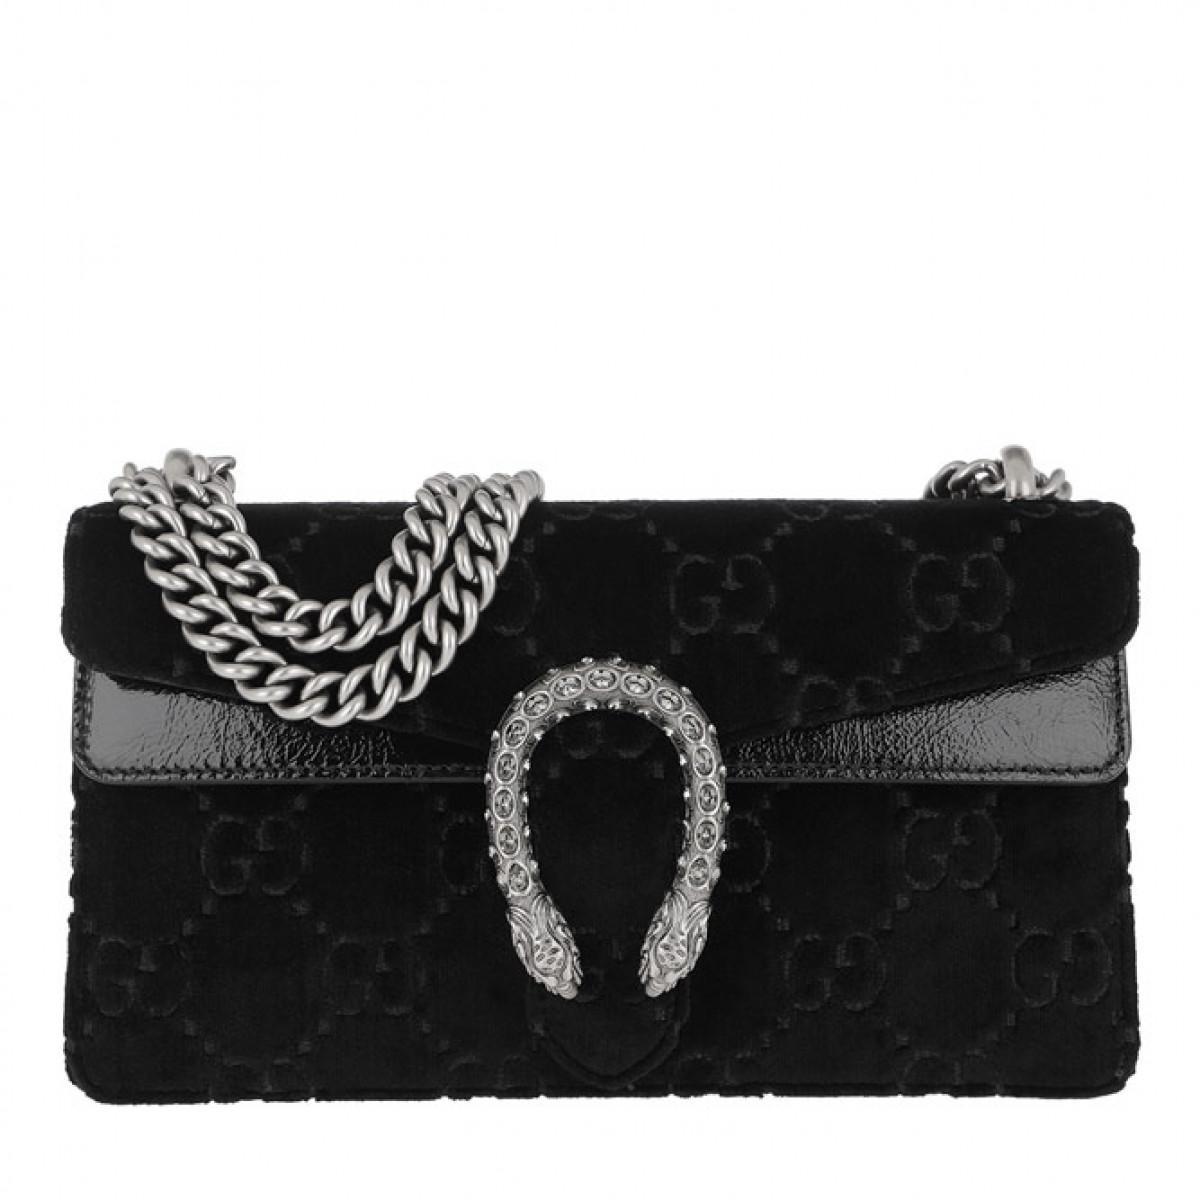 ed8a34d42cd4 Gucci Dionysus Skipper Shoulder Bag Velvet Black in Black - Save 22 ...